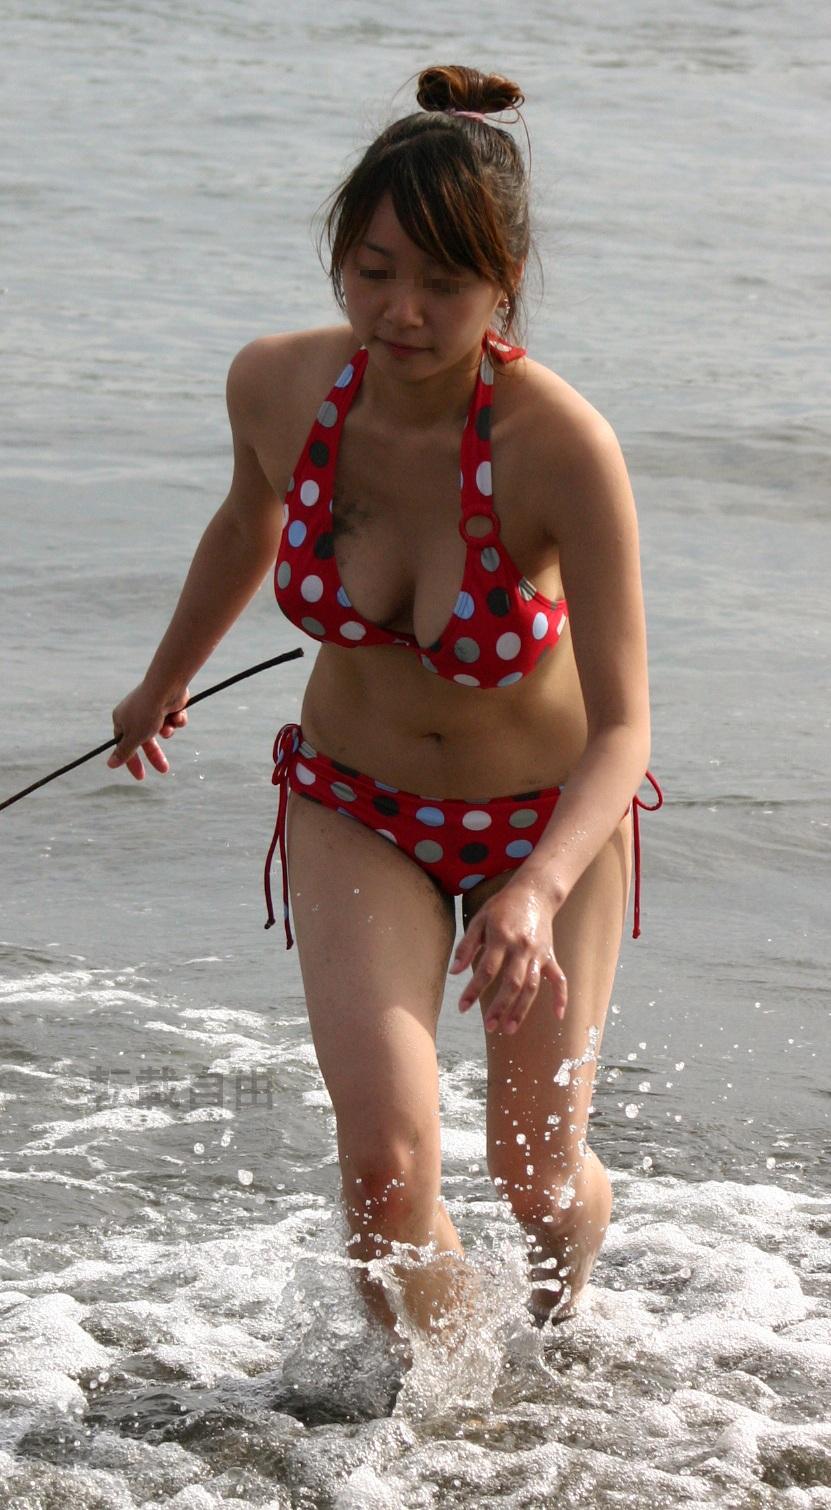 素人の水着画像がぐうシコでマジ感謝wwwwwwwwwwww szwzPiQ